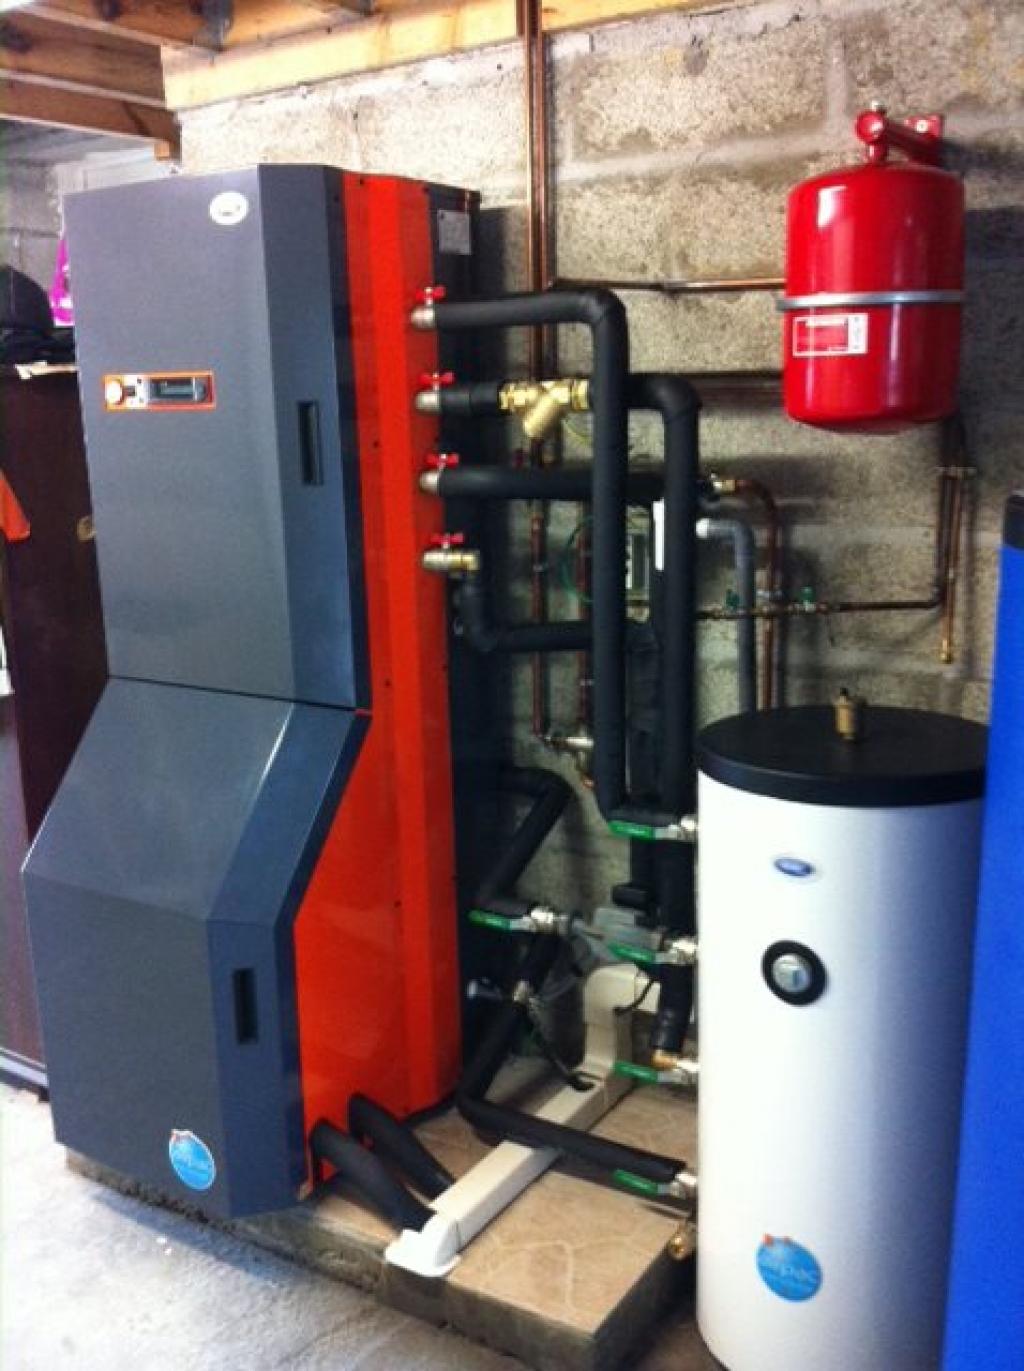 Installation Pompe à chaleur Airpac Dakota à Ploemel 56 Morbihan-Morbihan (56)